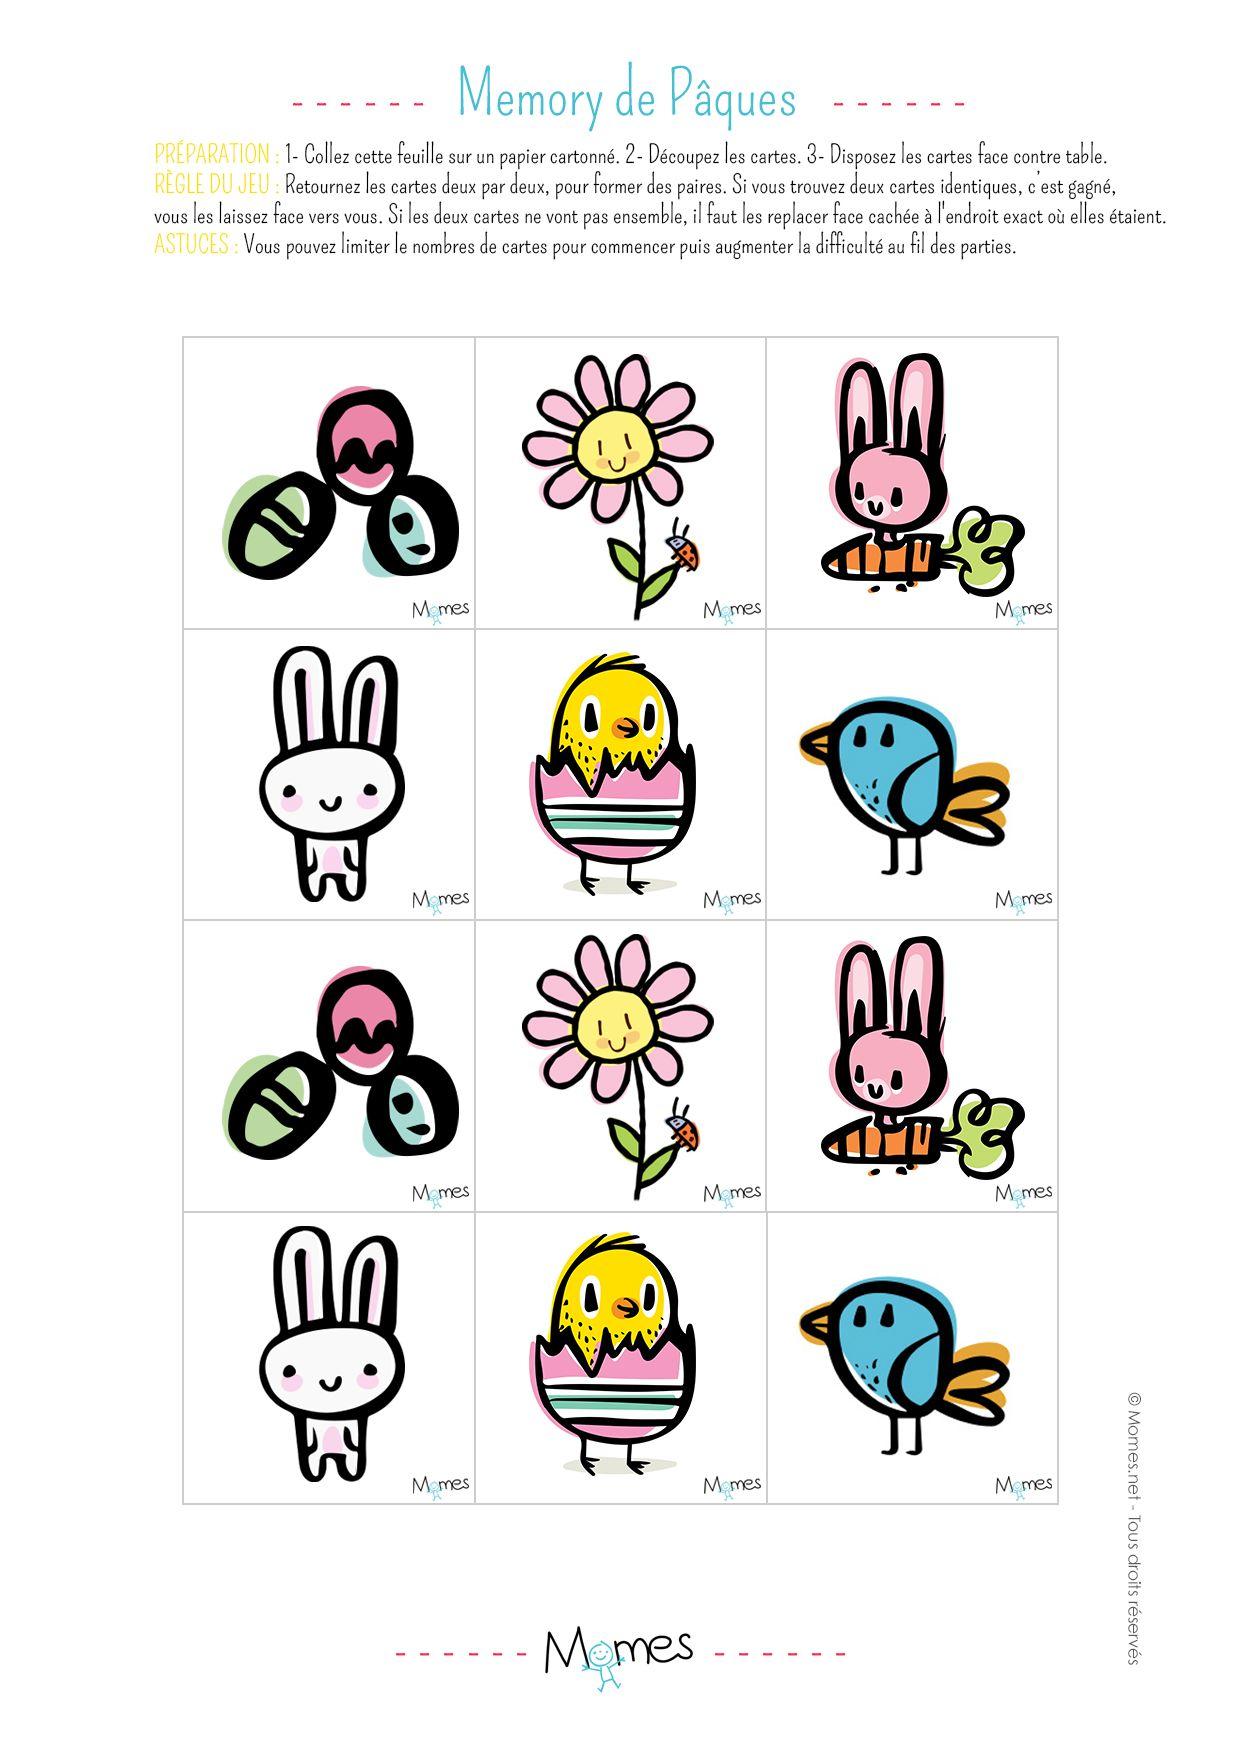 Memory de Pâques à imprimer | A imprimer, Jeux a imprimer et Jeu de memory